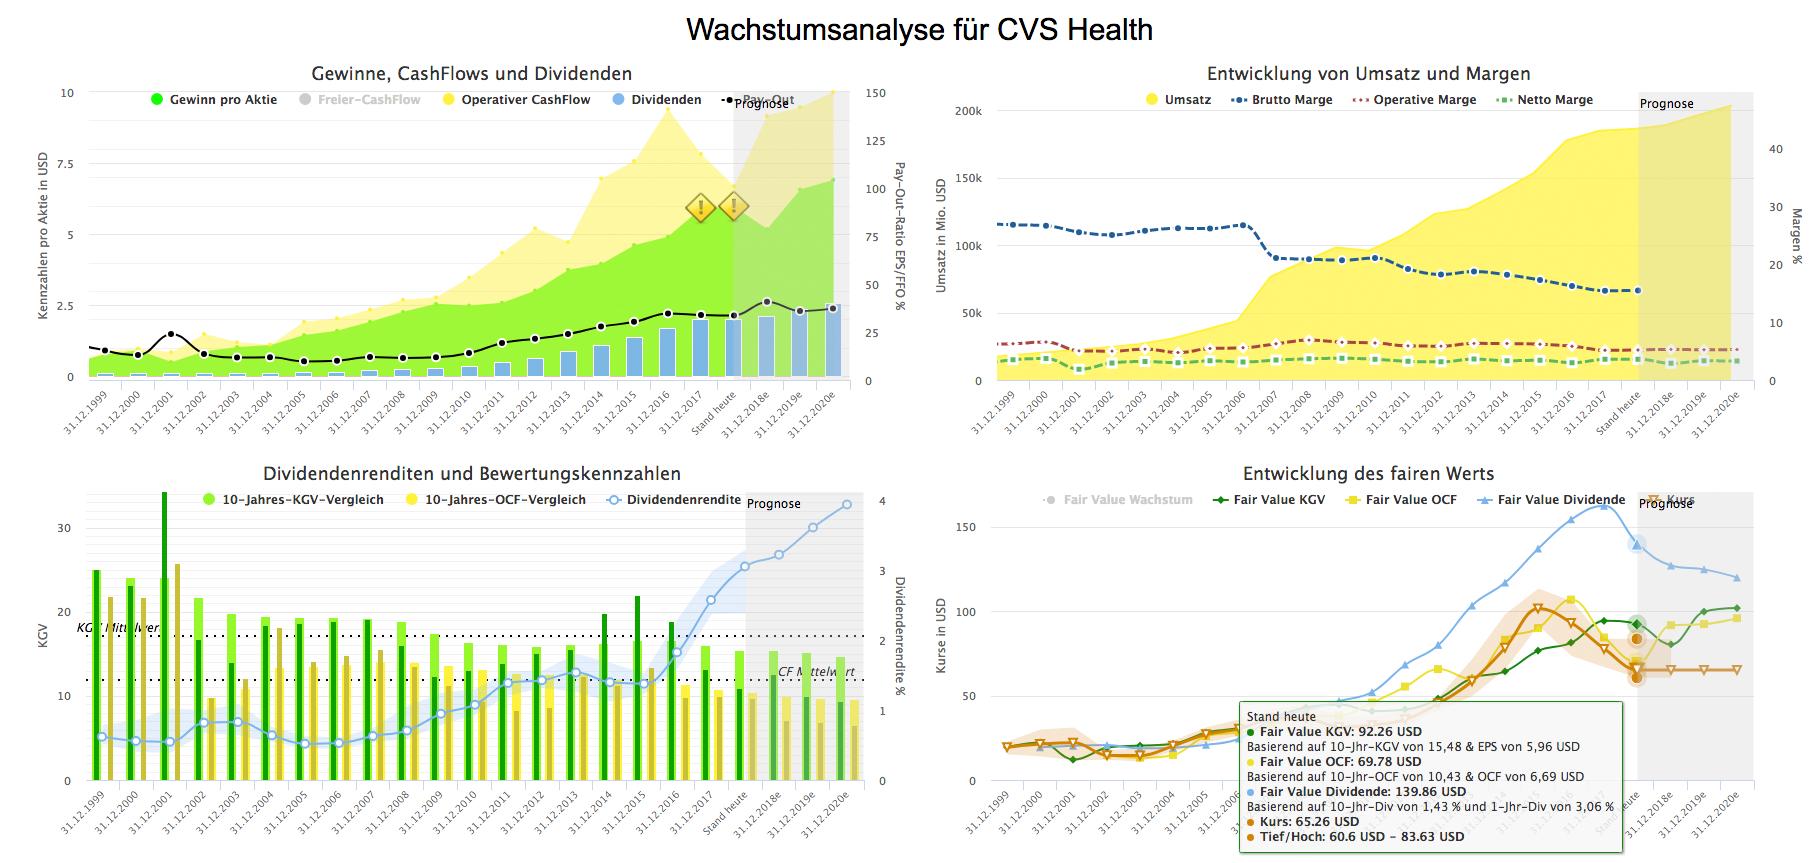 Wachstumsanalyse-CVS-Health-Juli-2018 (Quelle: Aktienfinder.net)